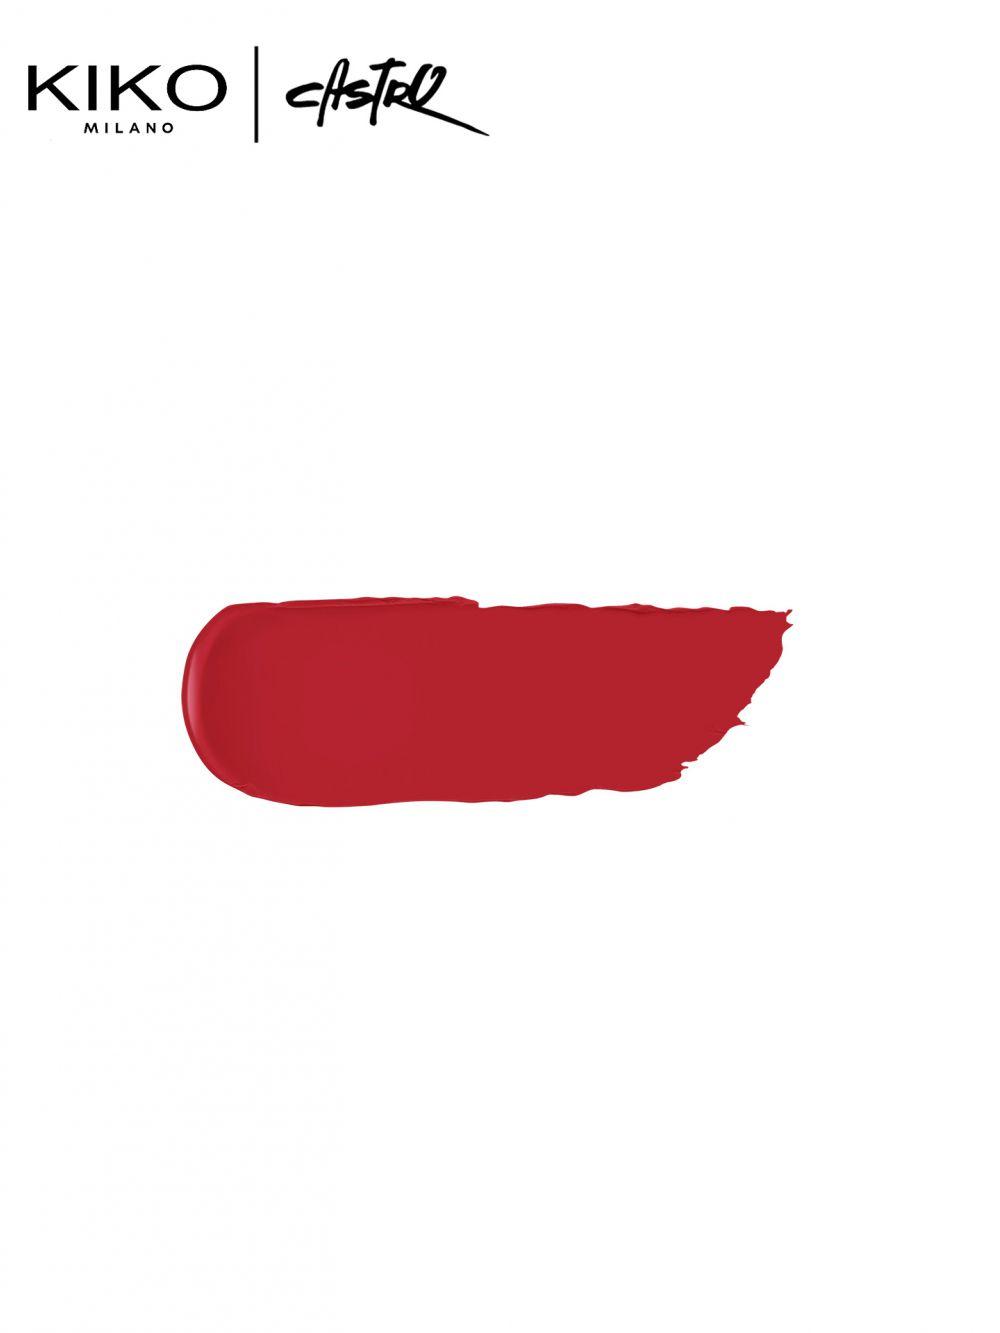 שפתון אולטרה מאט לכיסוי מירבי - 05